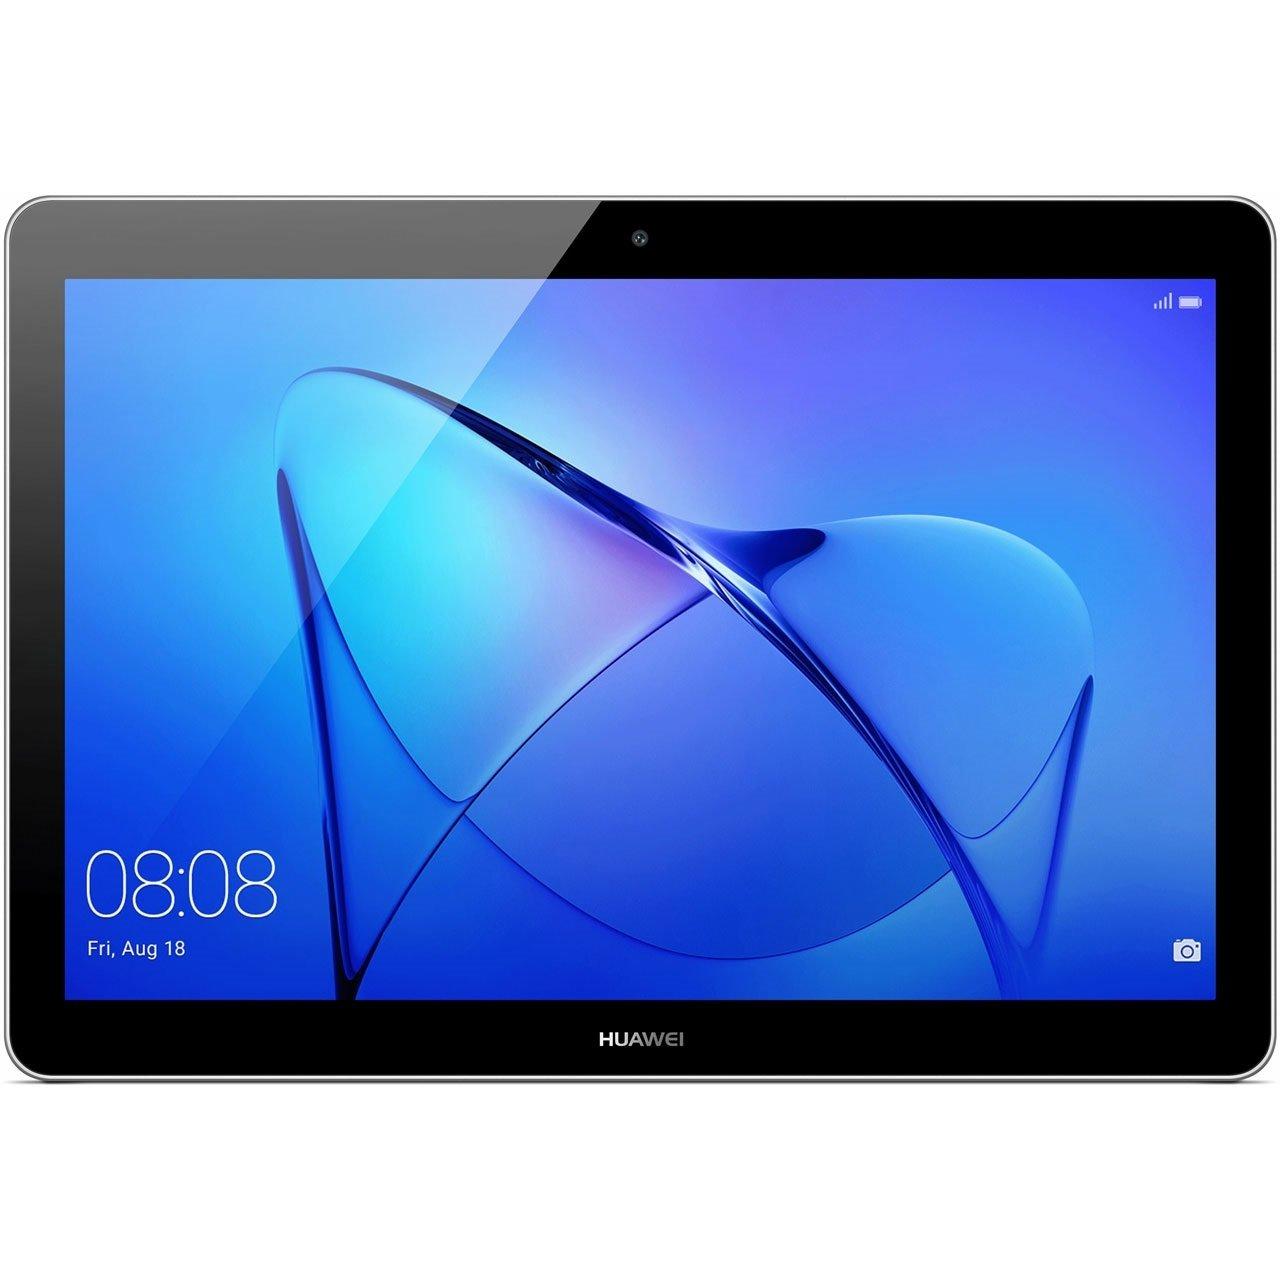 Huawei MediaPad T3 9.6 Inch 32GB Wi-Fi Tablet